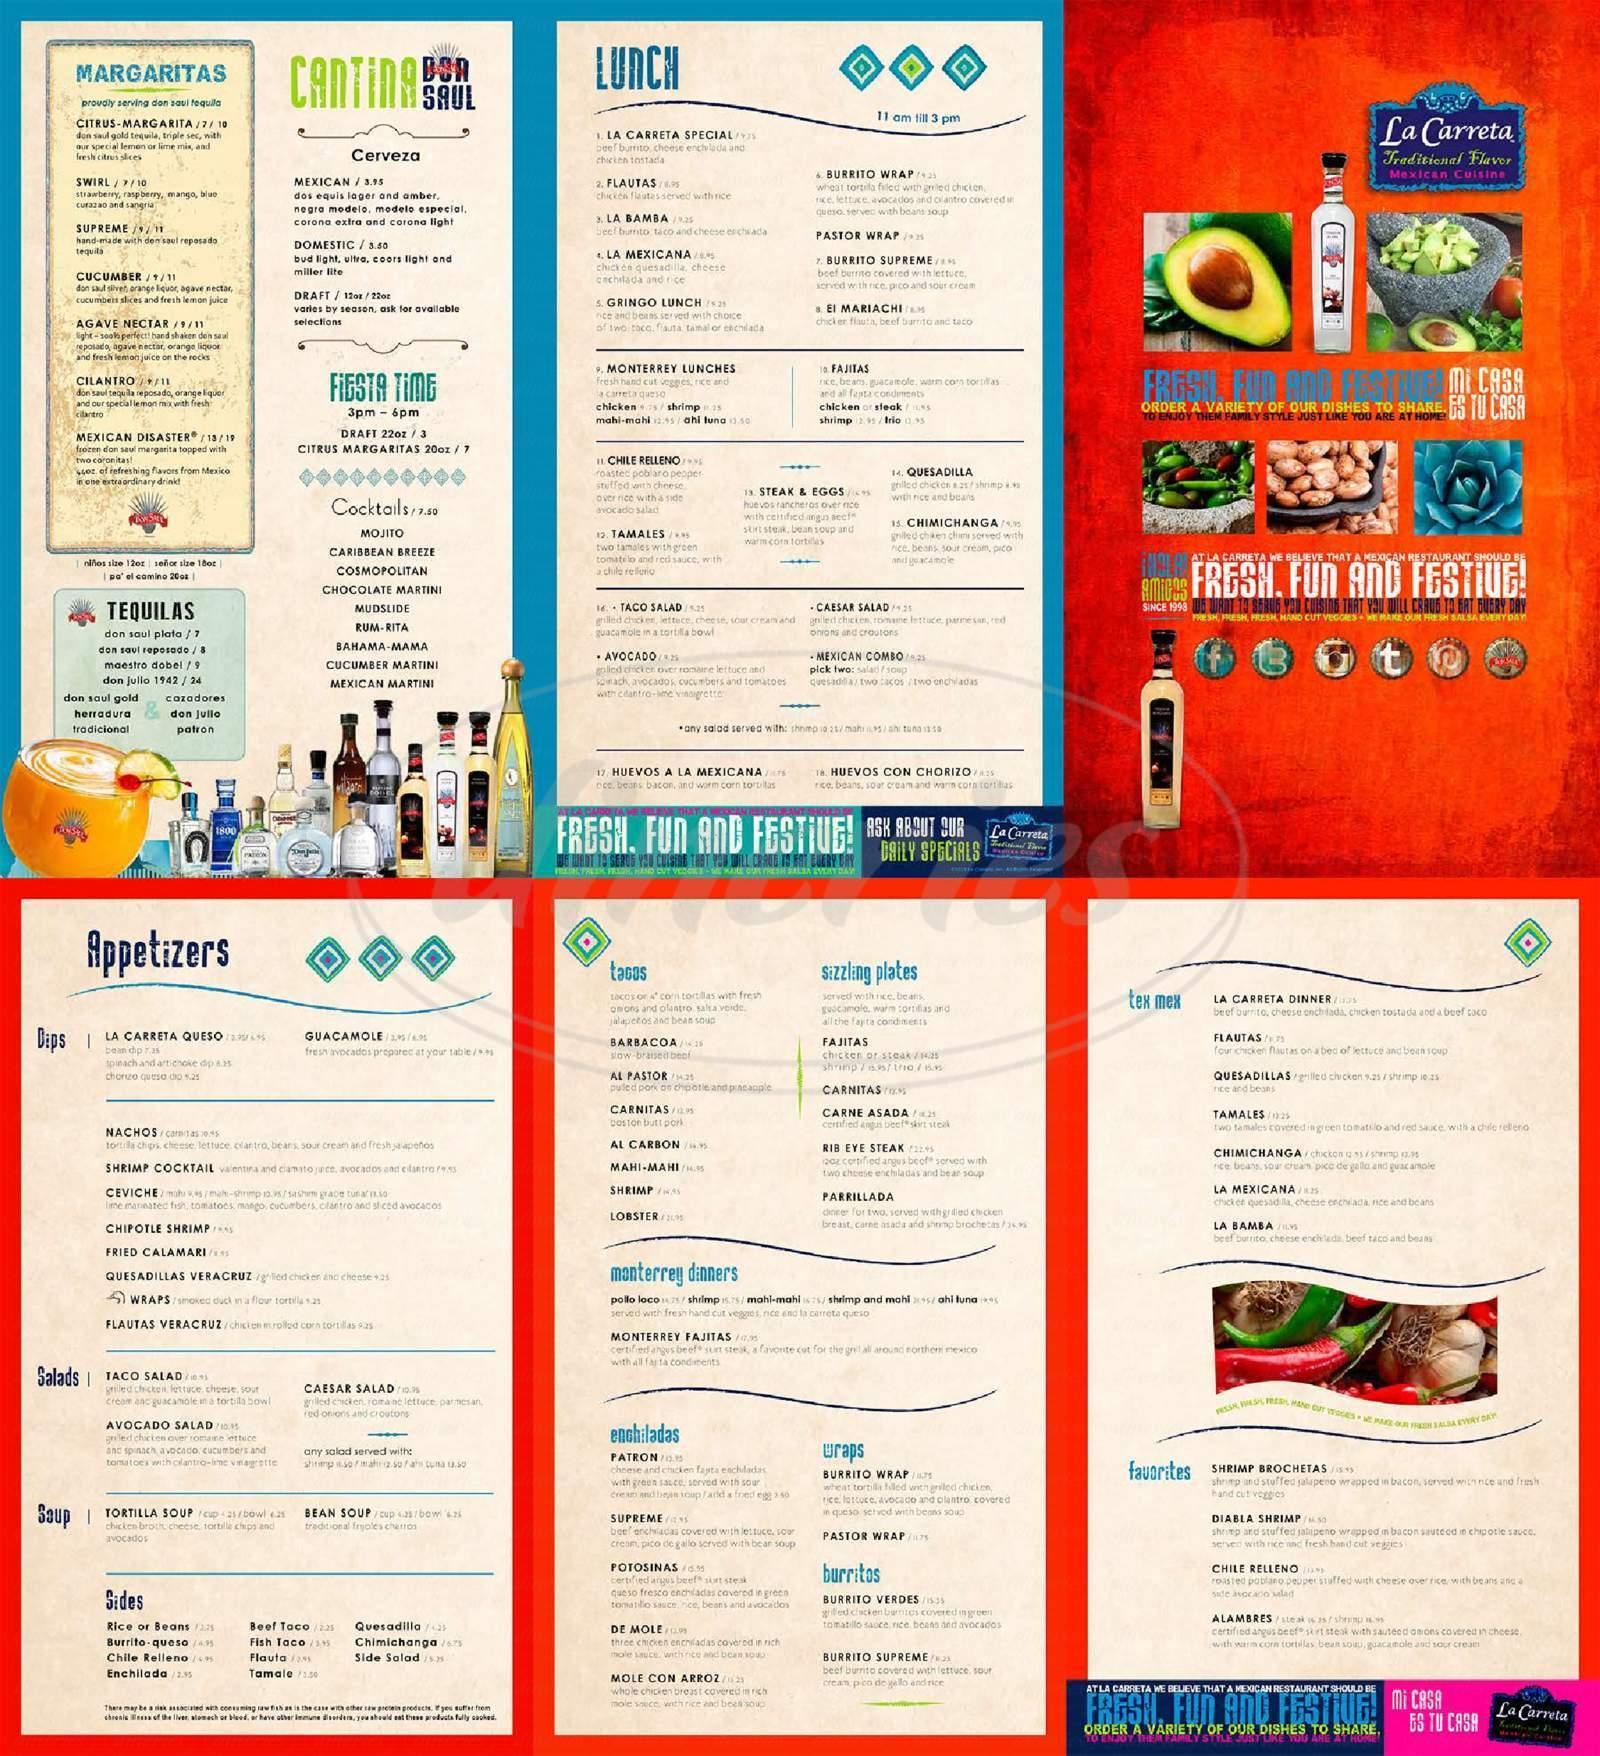 menu for La Carreta